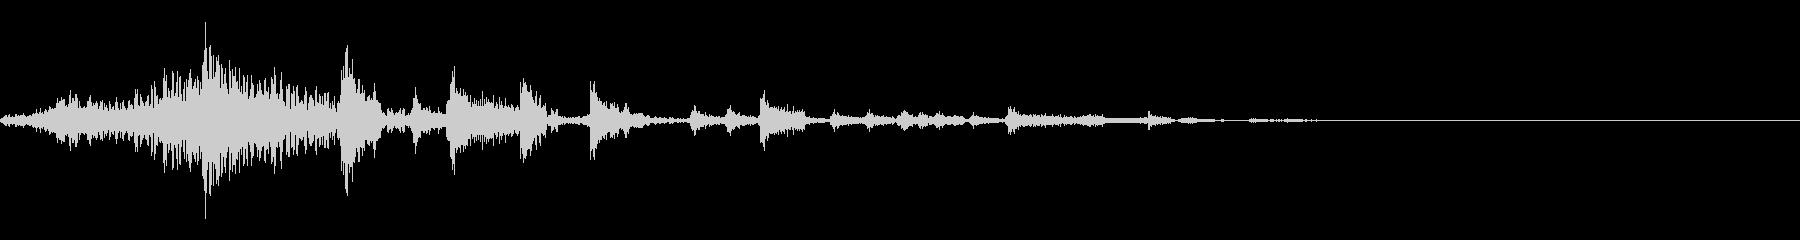 場面転換 クールなヒップホップ タイトルの未再生の波形